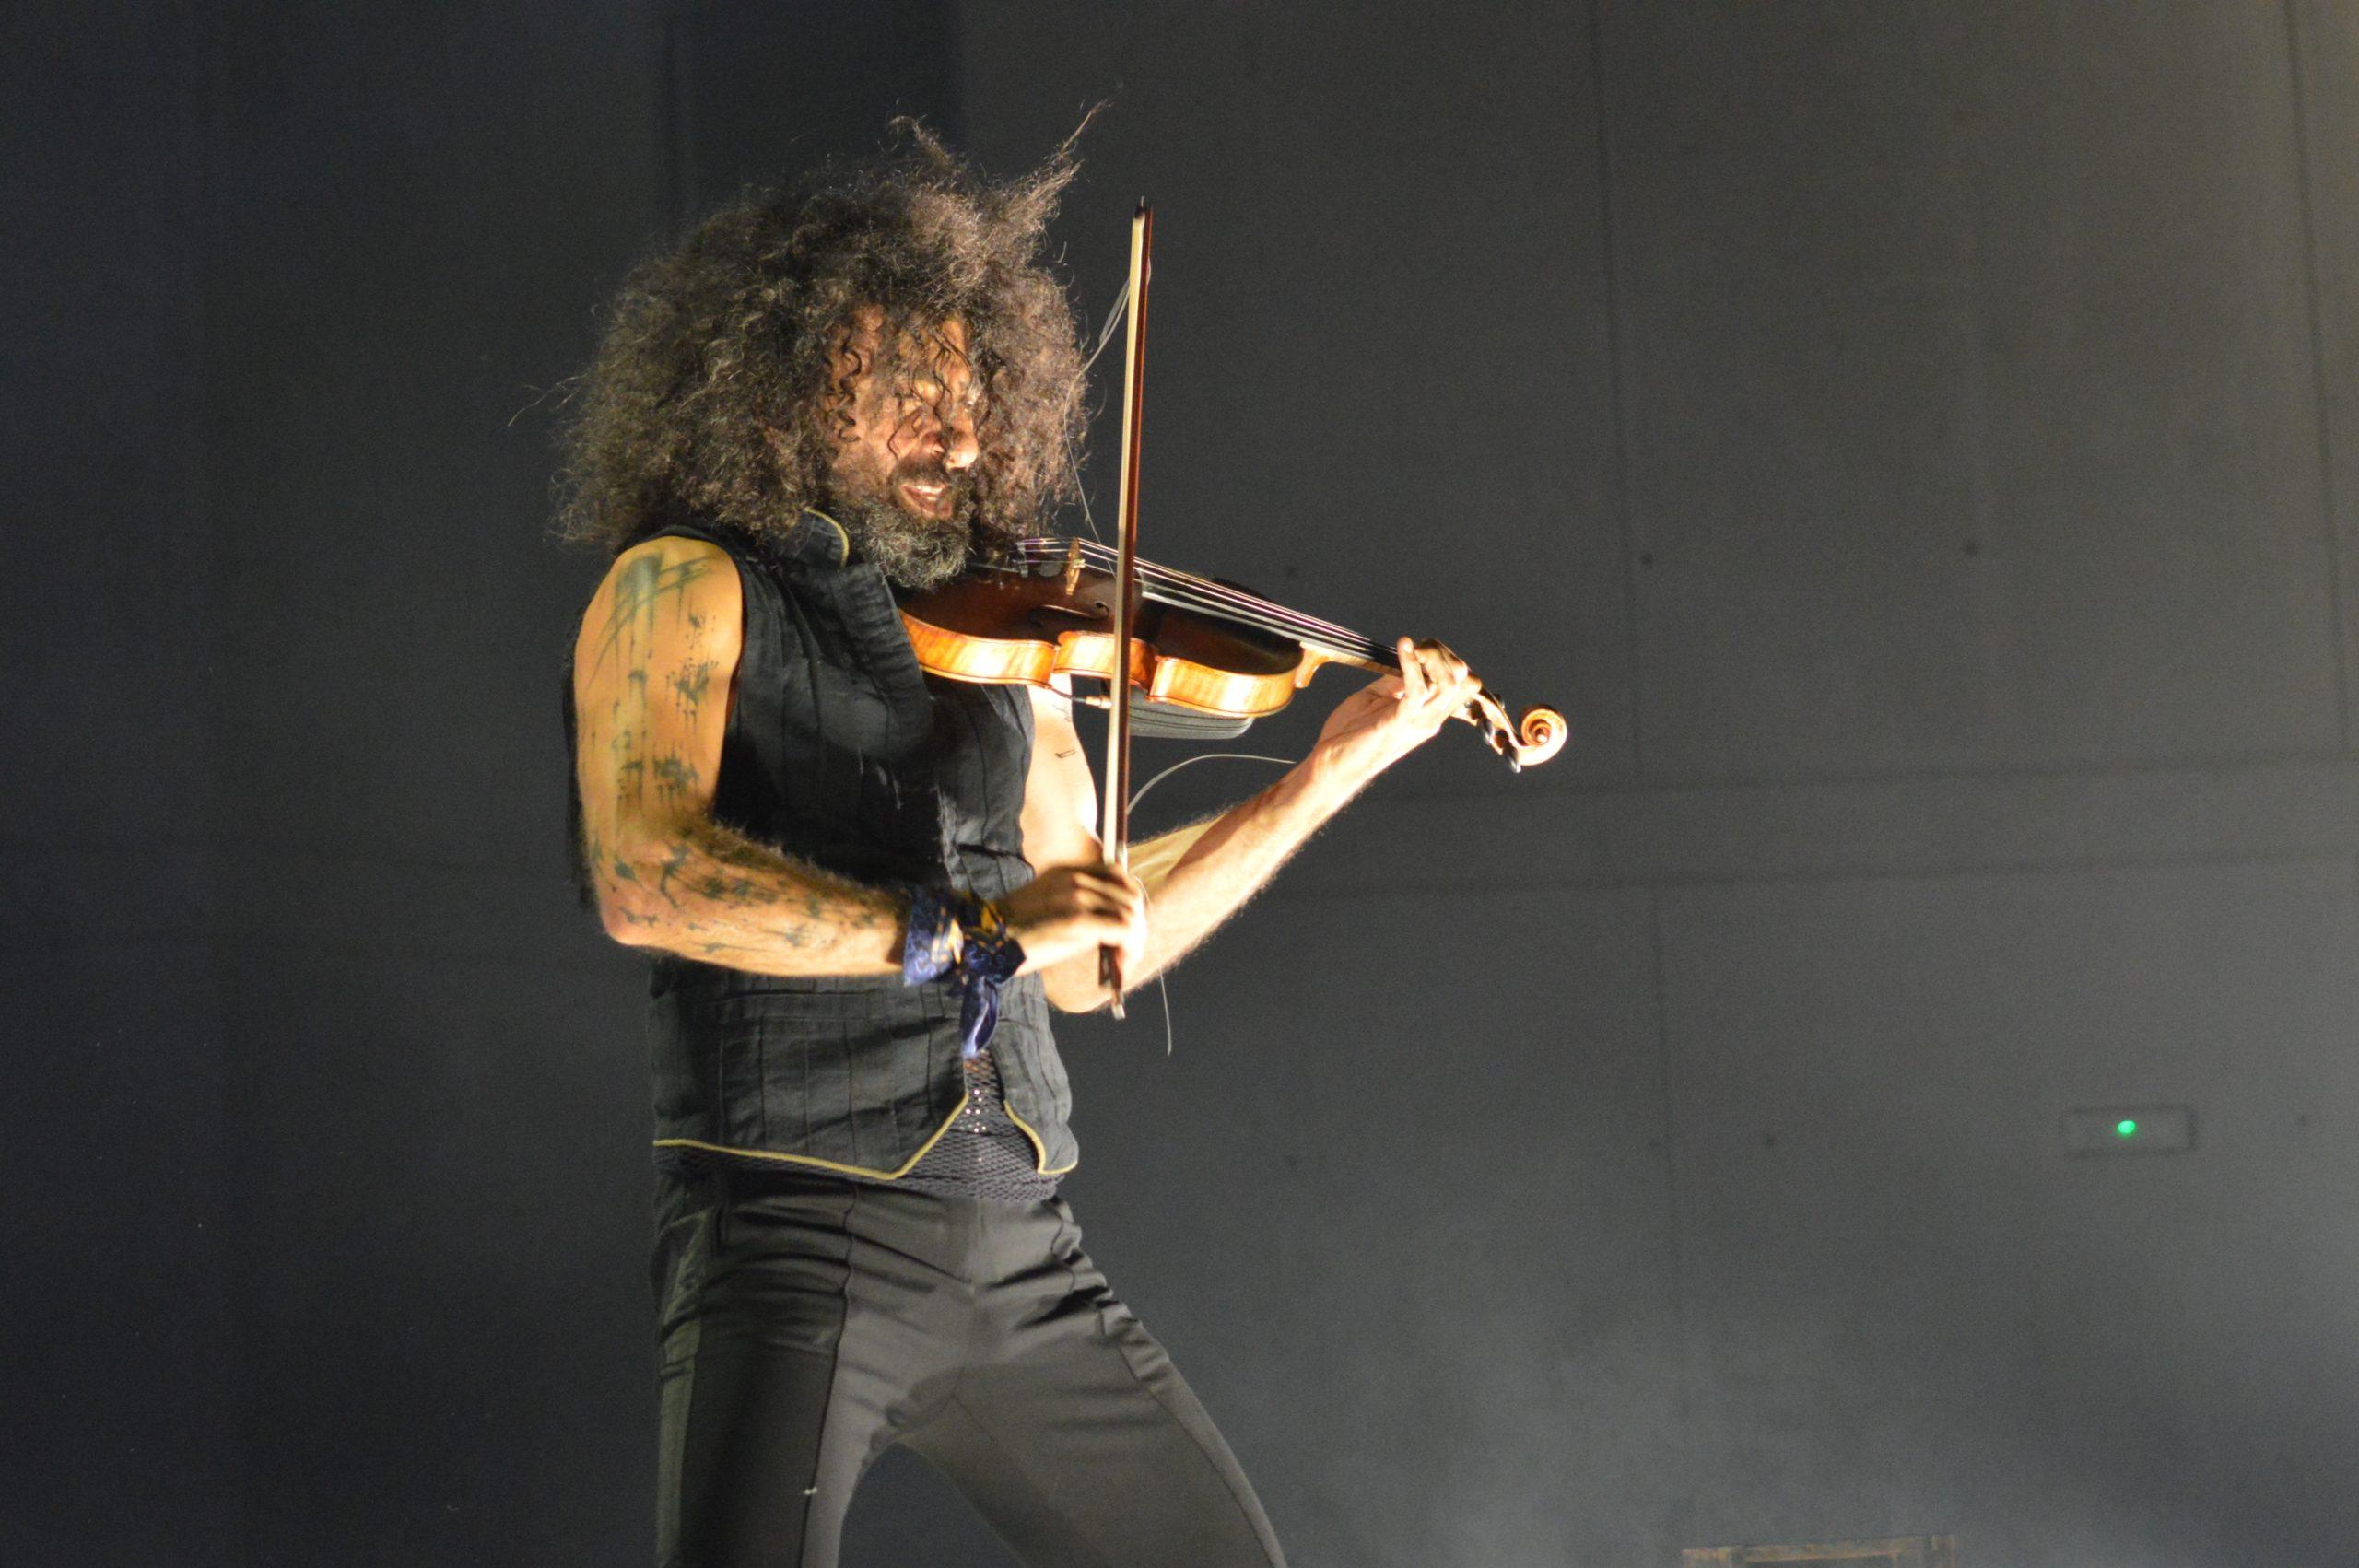 Ara Malikian emociona en su regreso a Ponferrada demostrando una vez más su virtuosismo con el violín 22